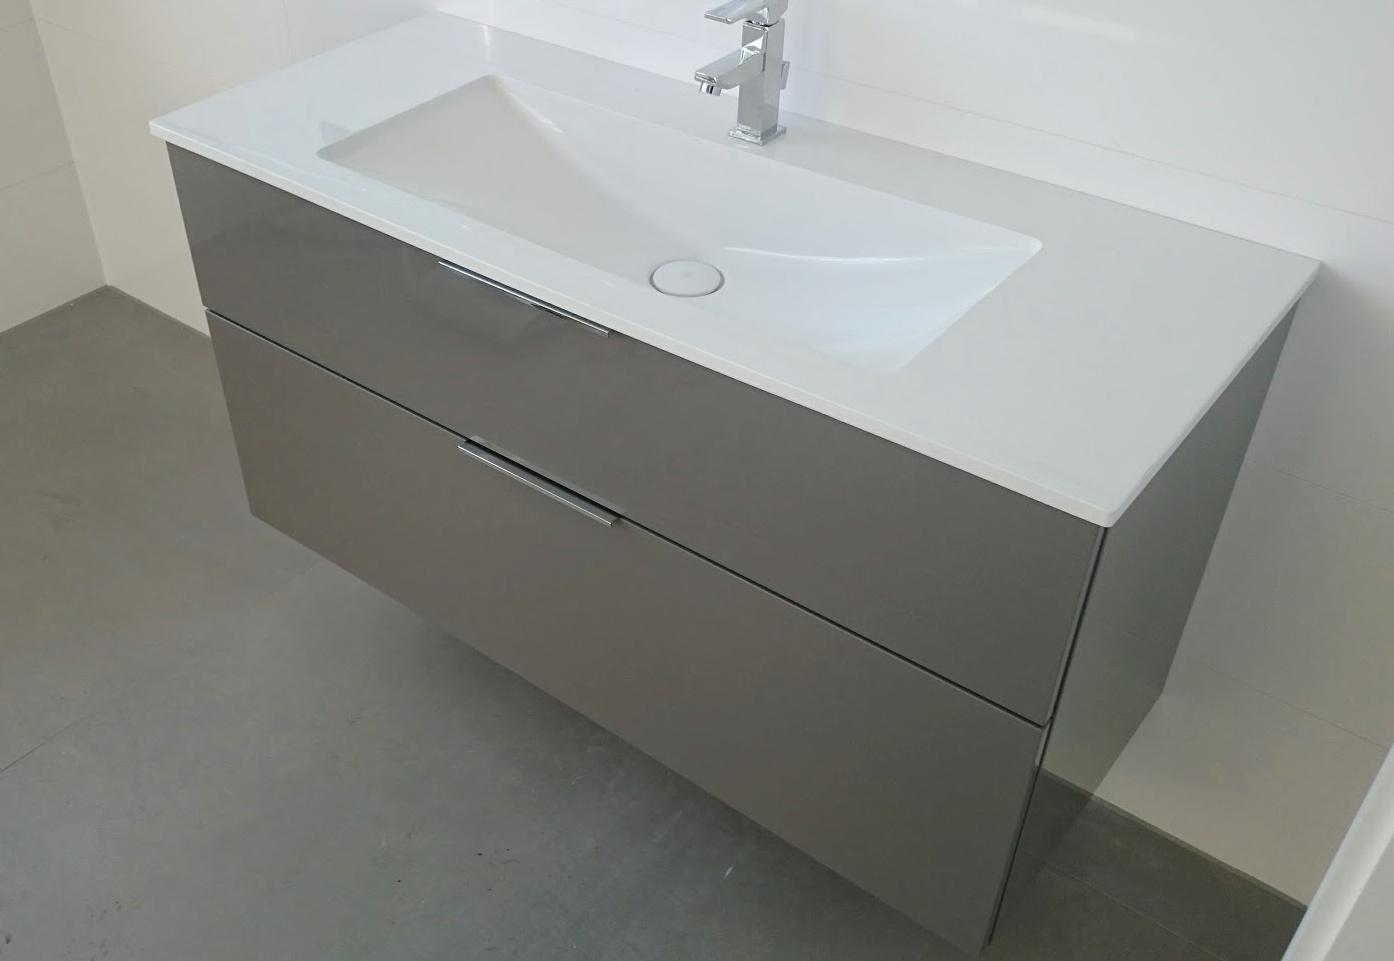 Bilder Zu Burgbad Eqio Mineralguss Waschtisch Mit Unterschrank 122cm